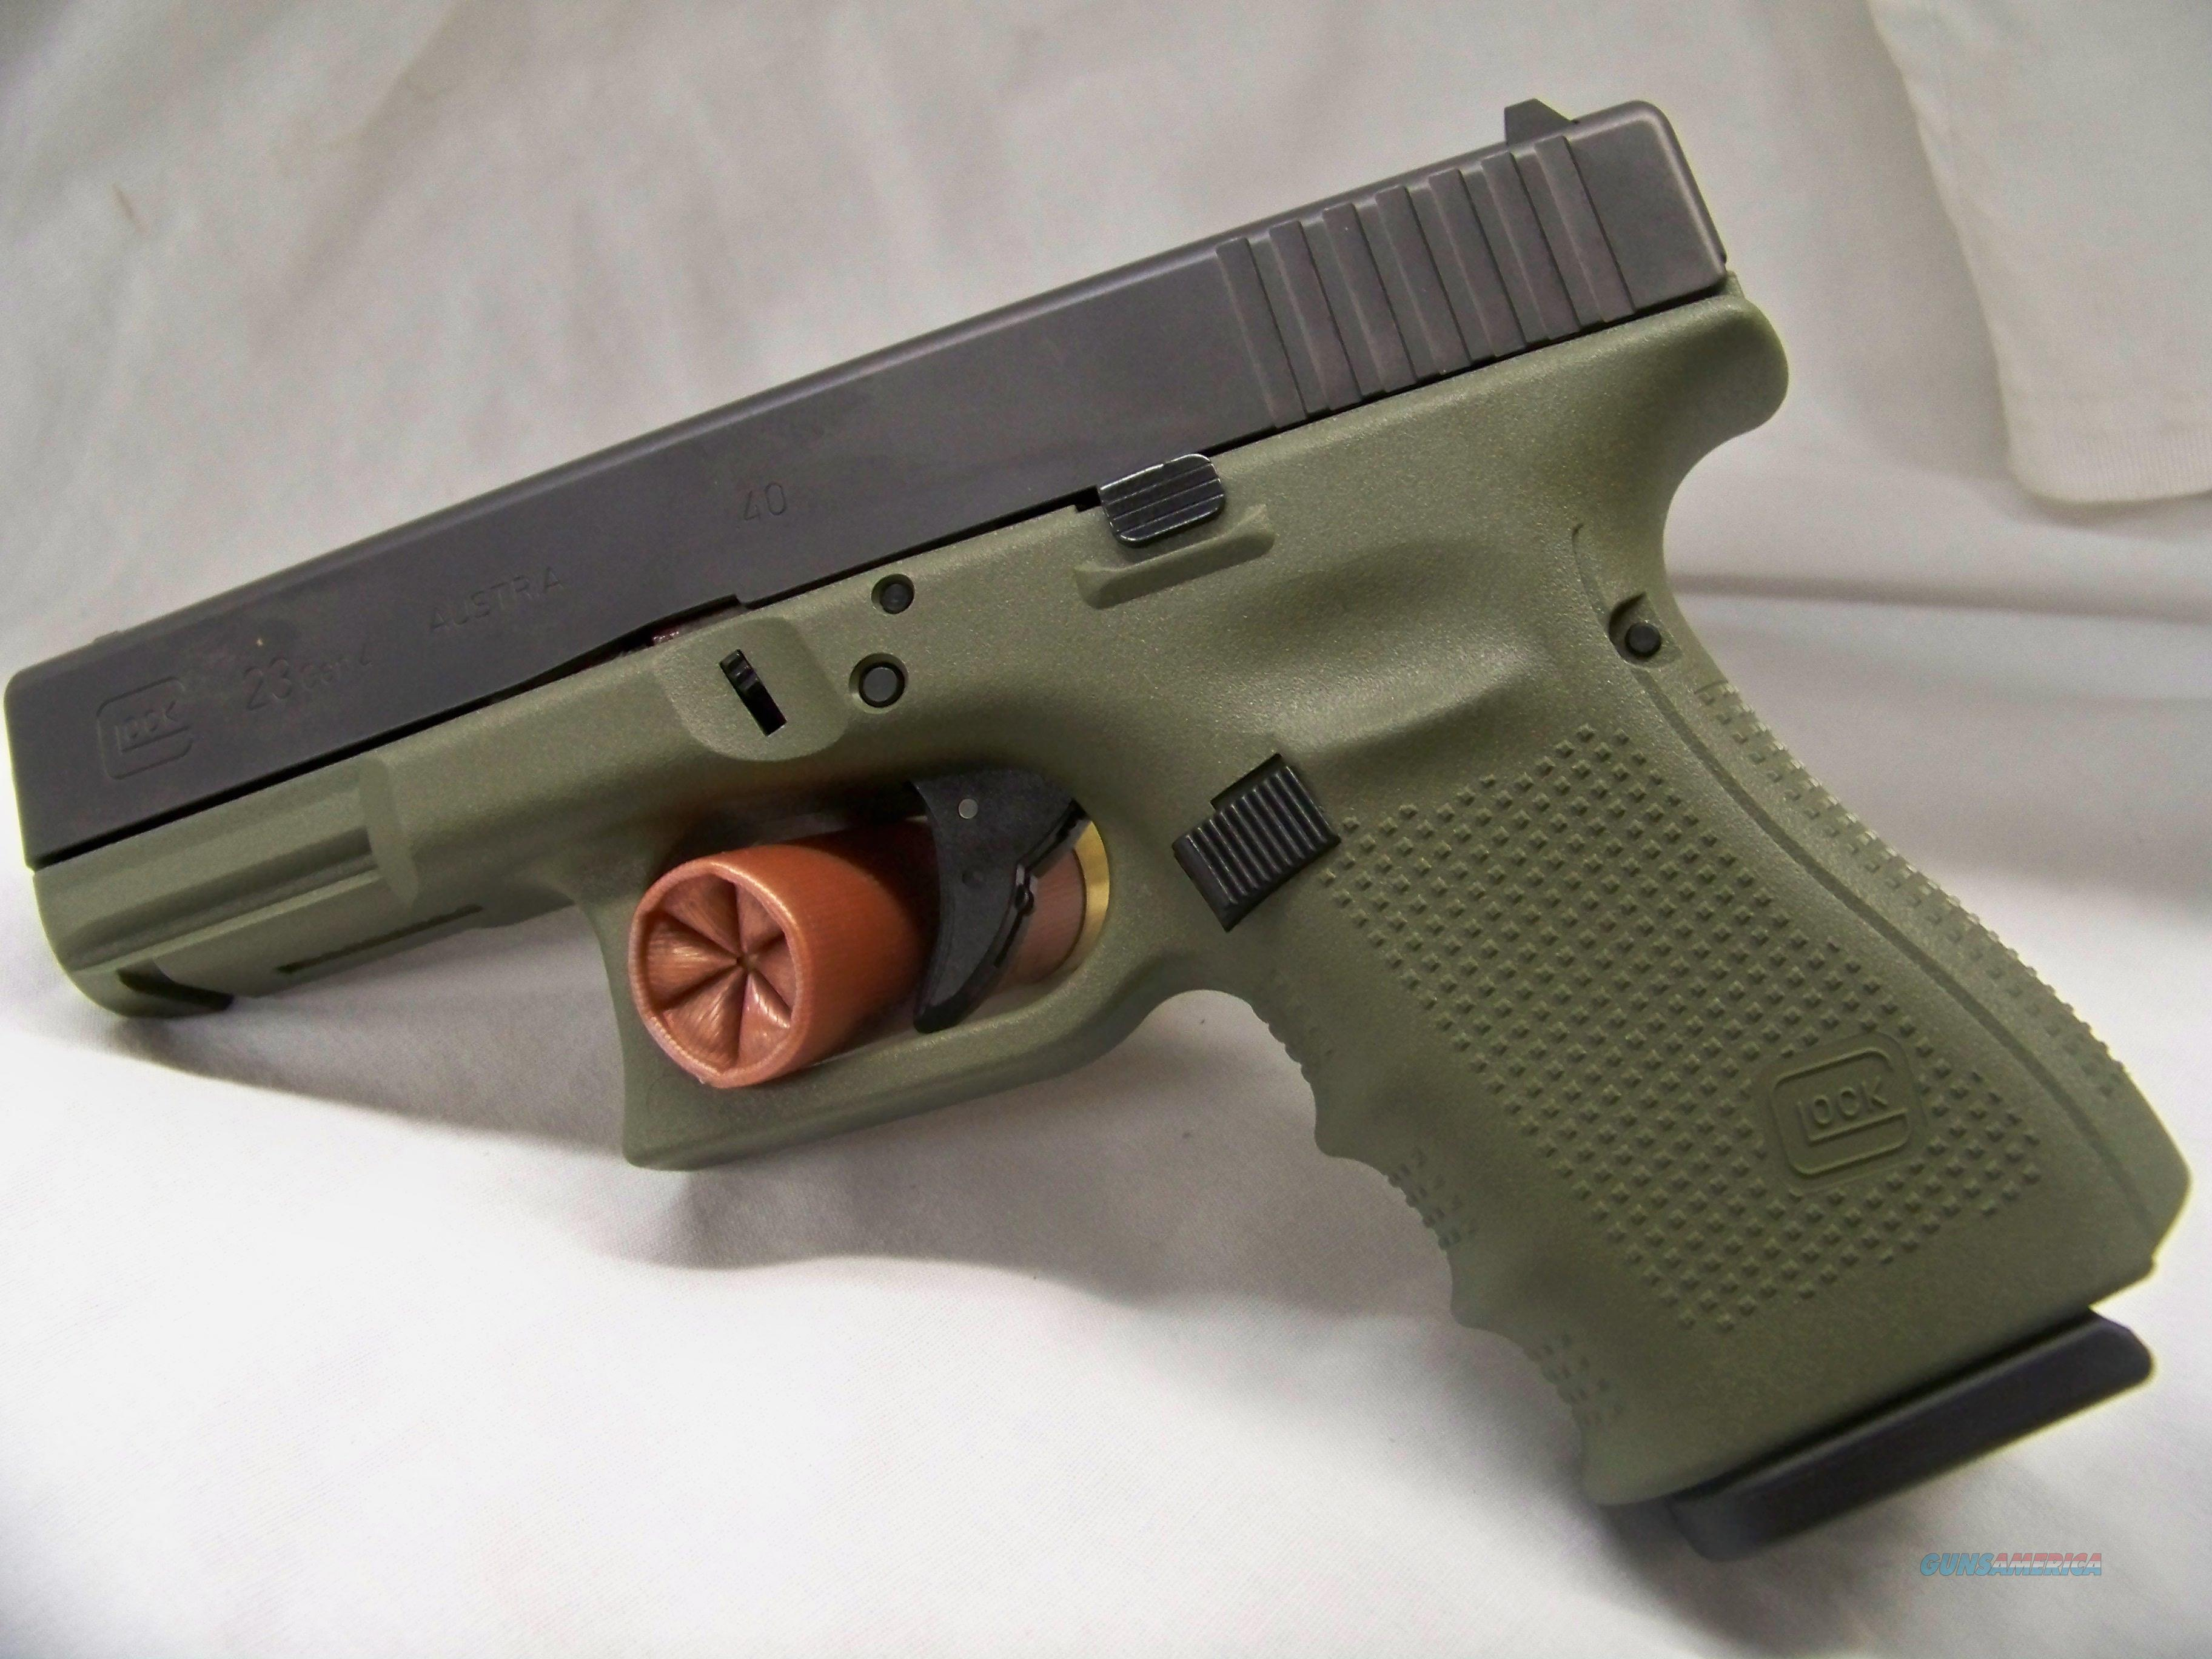 Glock 23 Gen 4 OD Green Frame for sale